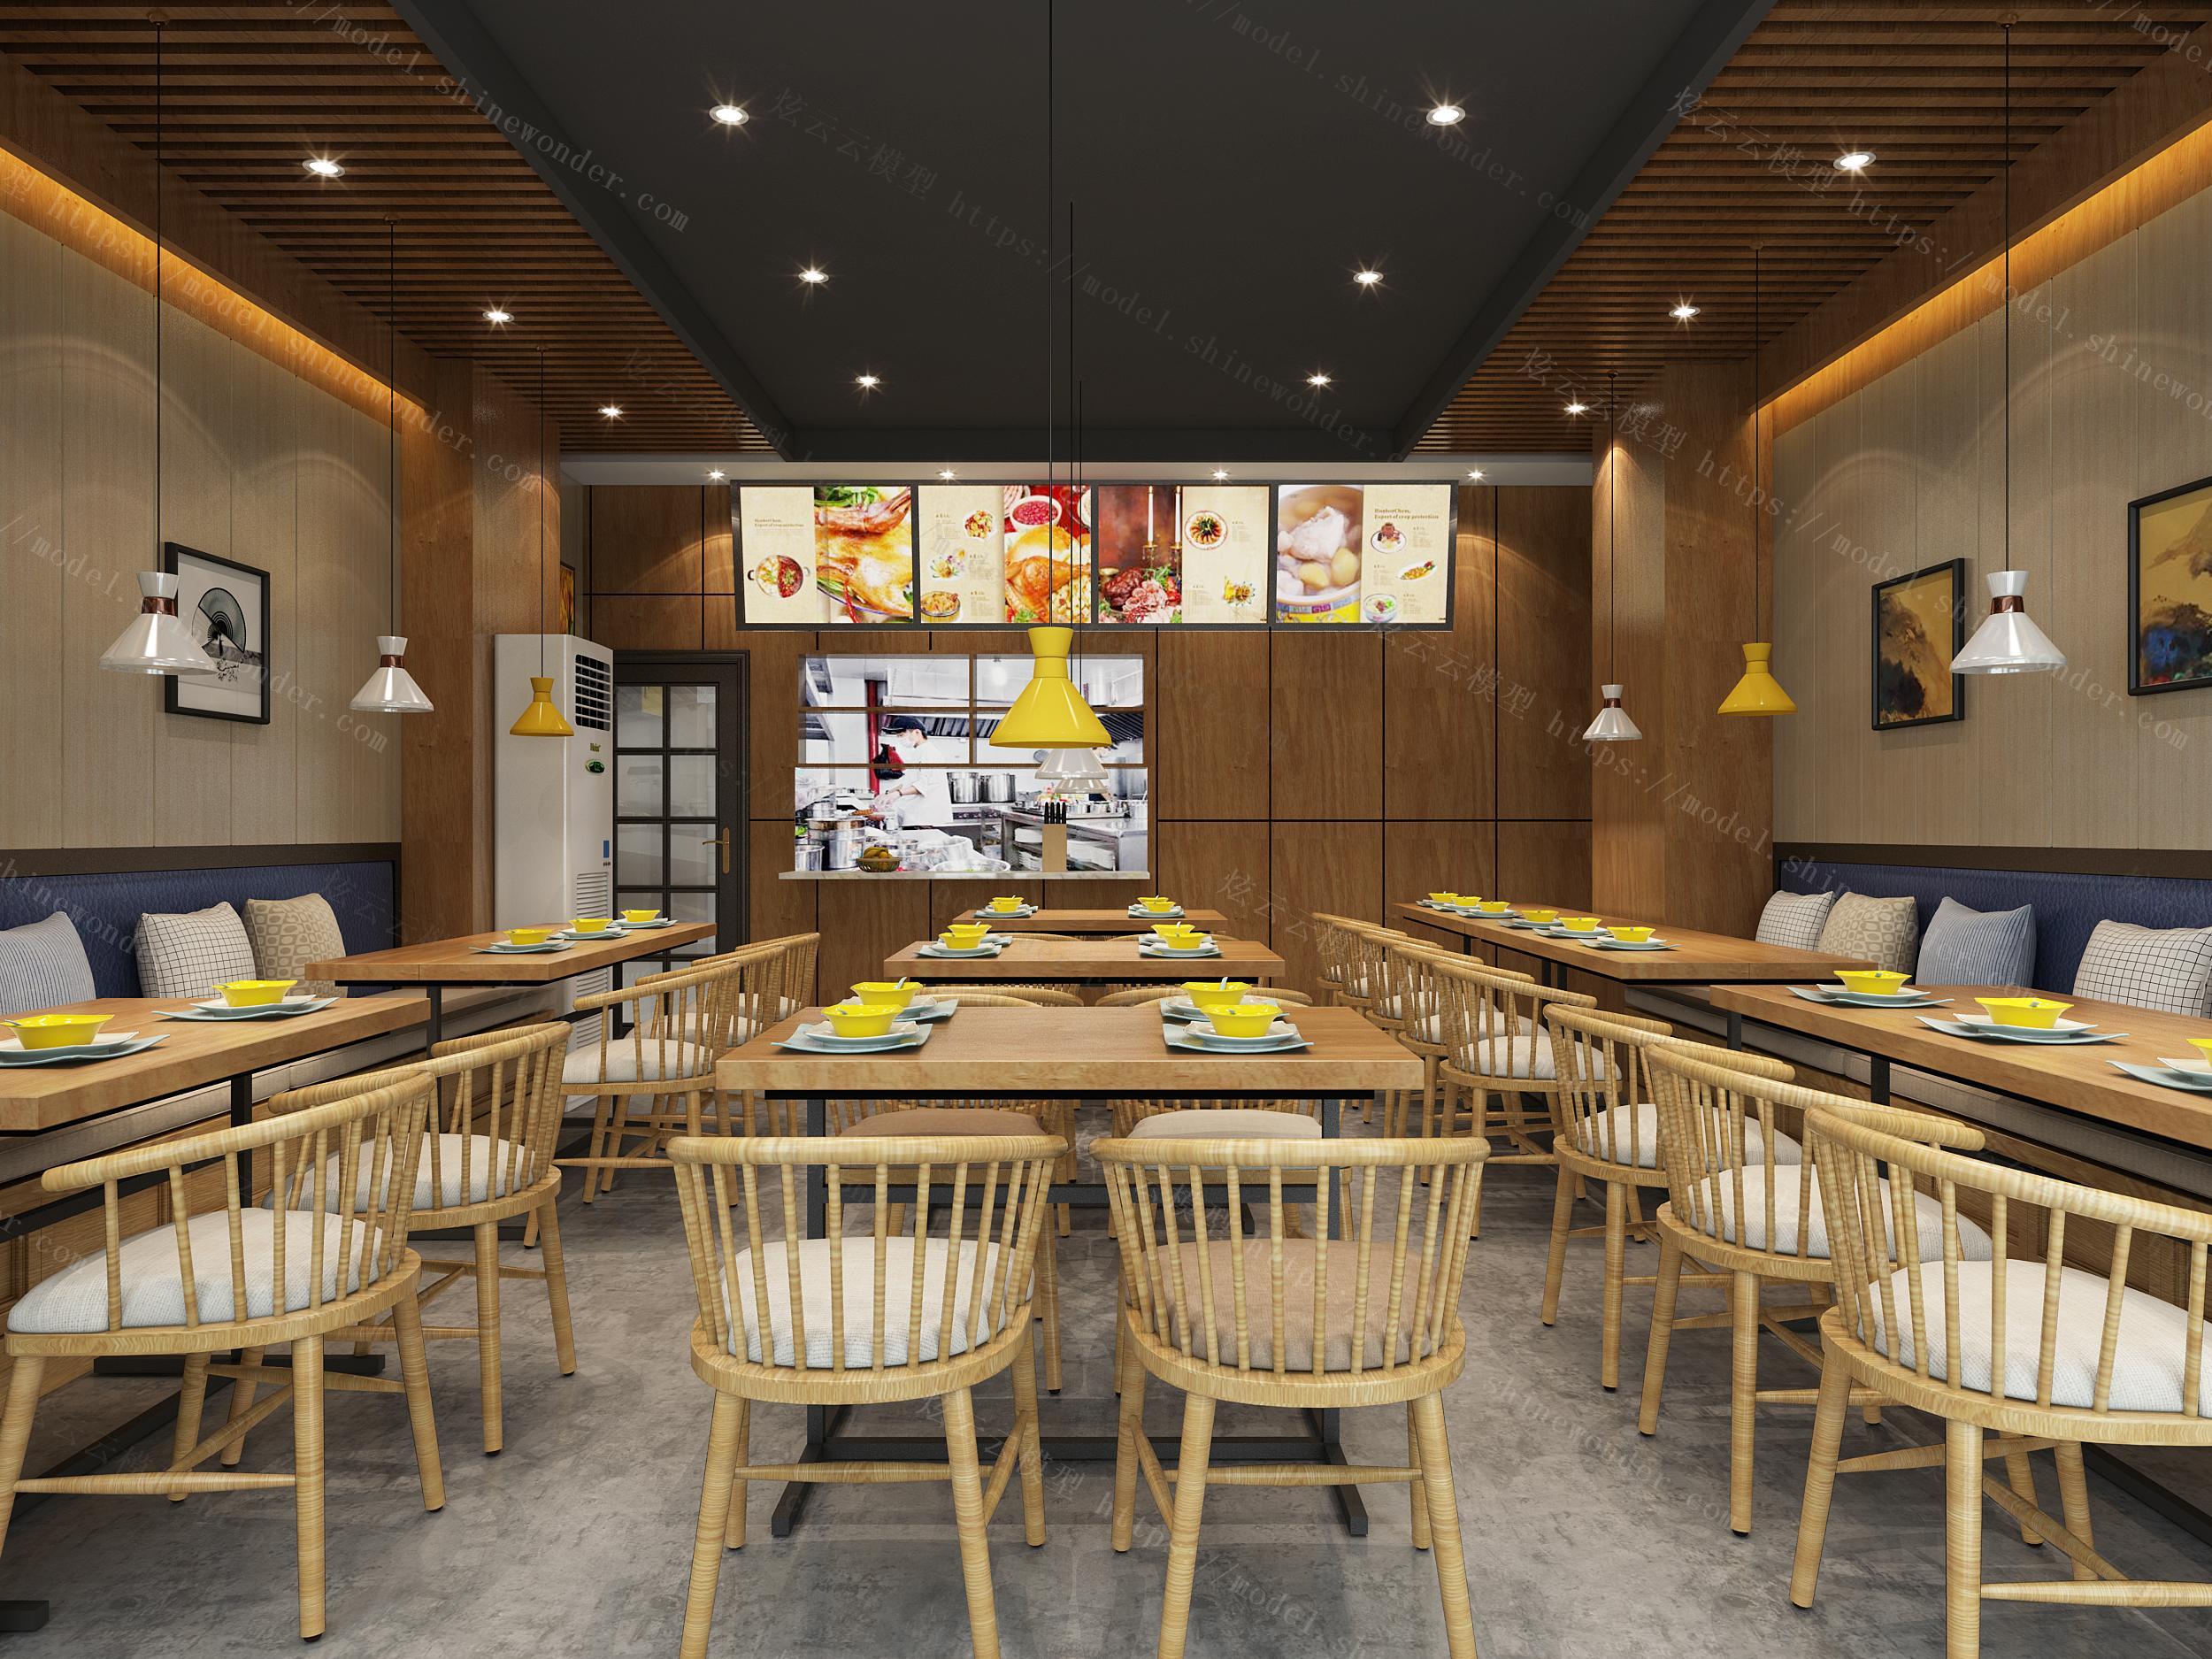 餐厅,餐馆,面馆,个性餐厅,模型